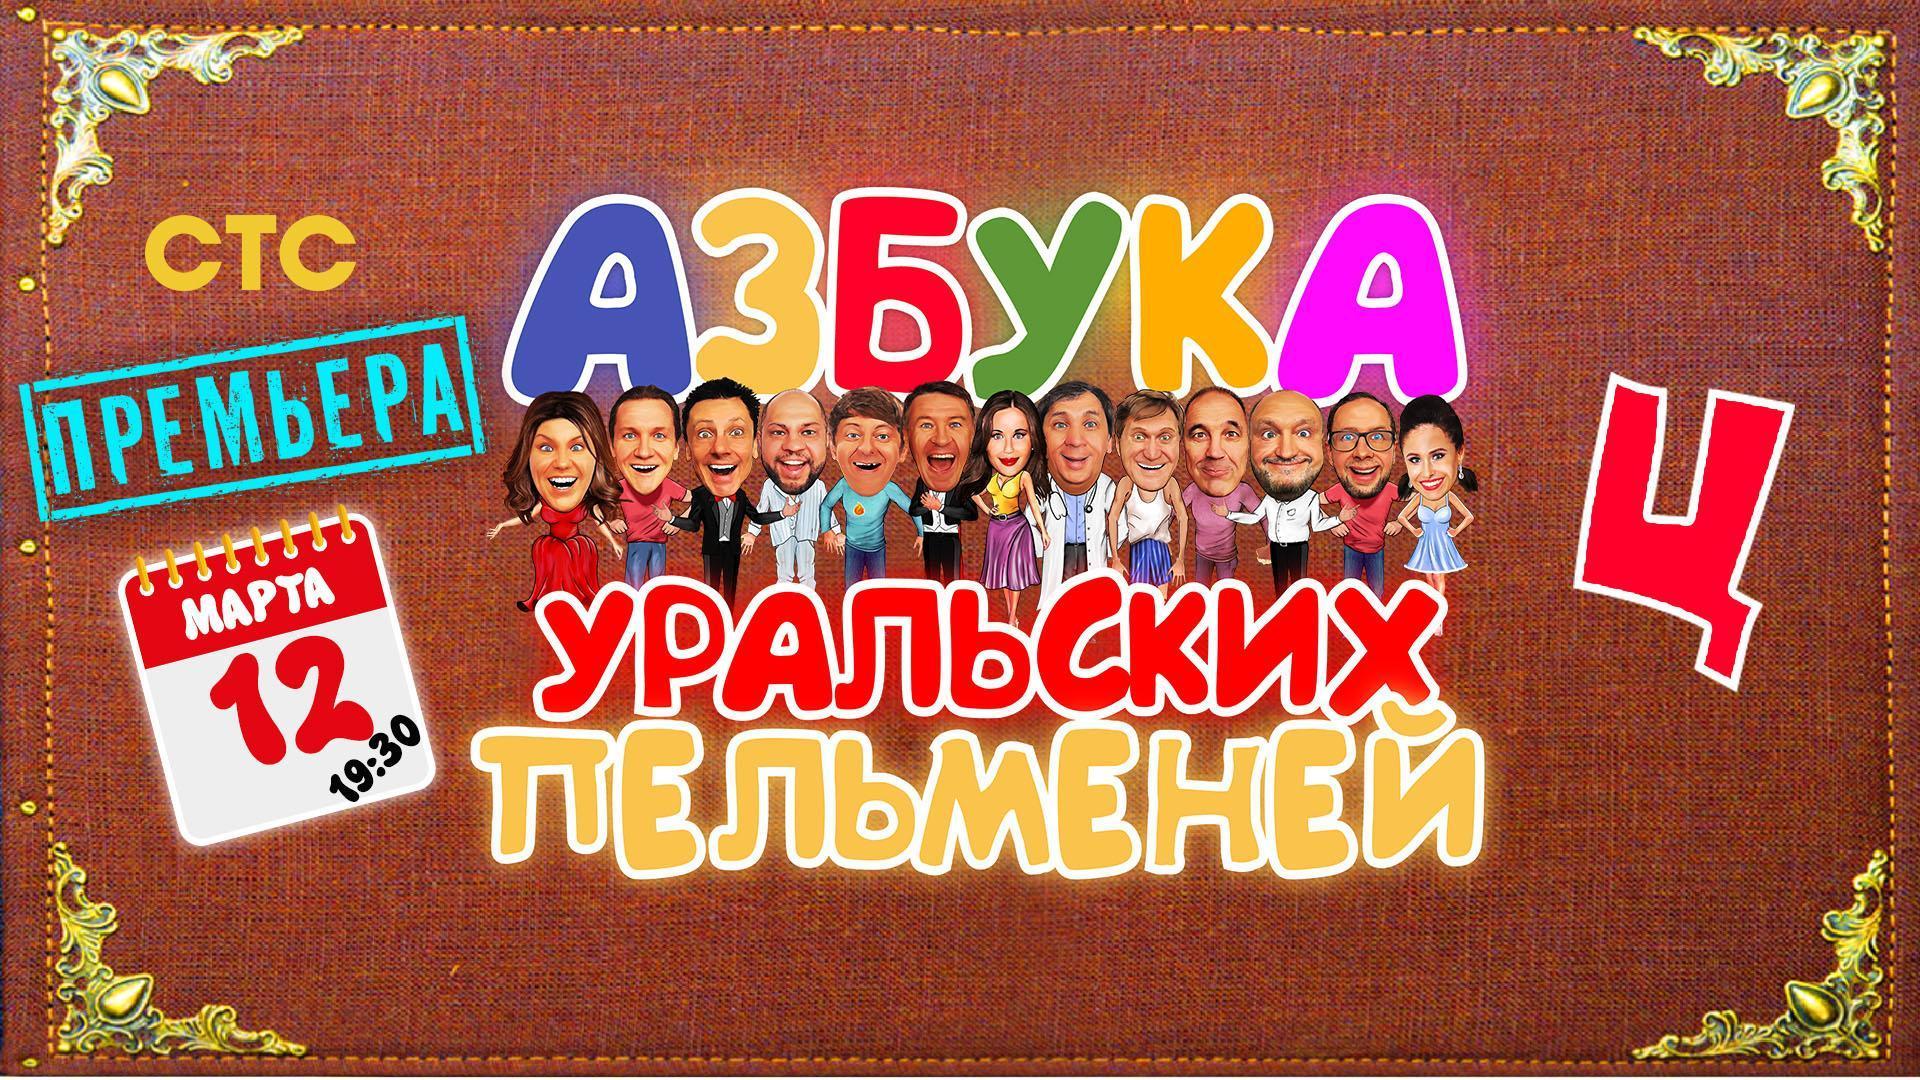 Фото Азбука Уральских пельменей: Ц